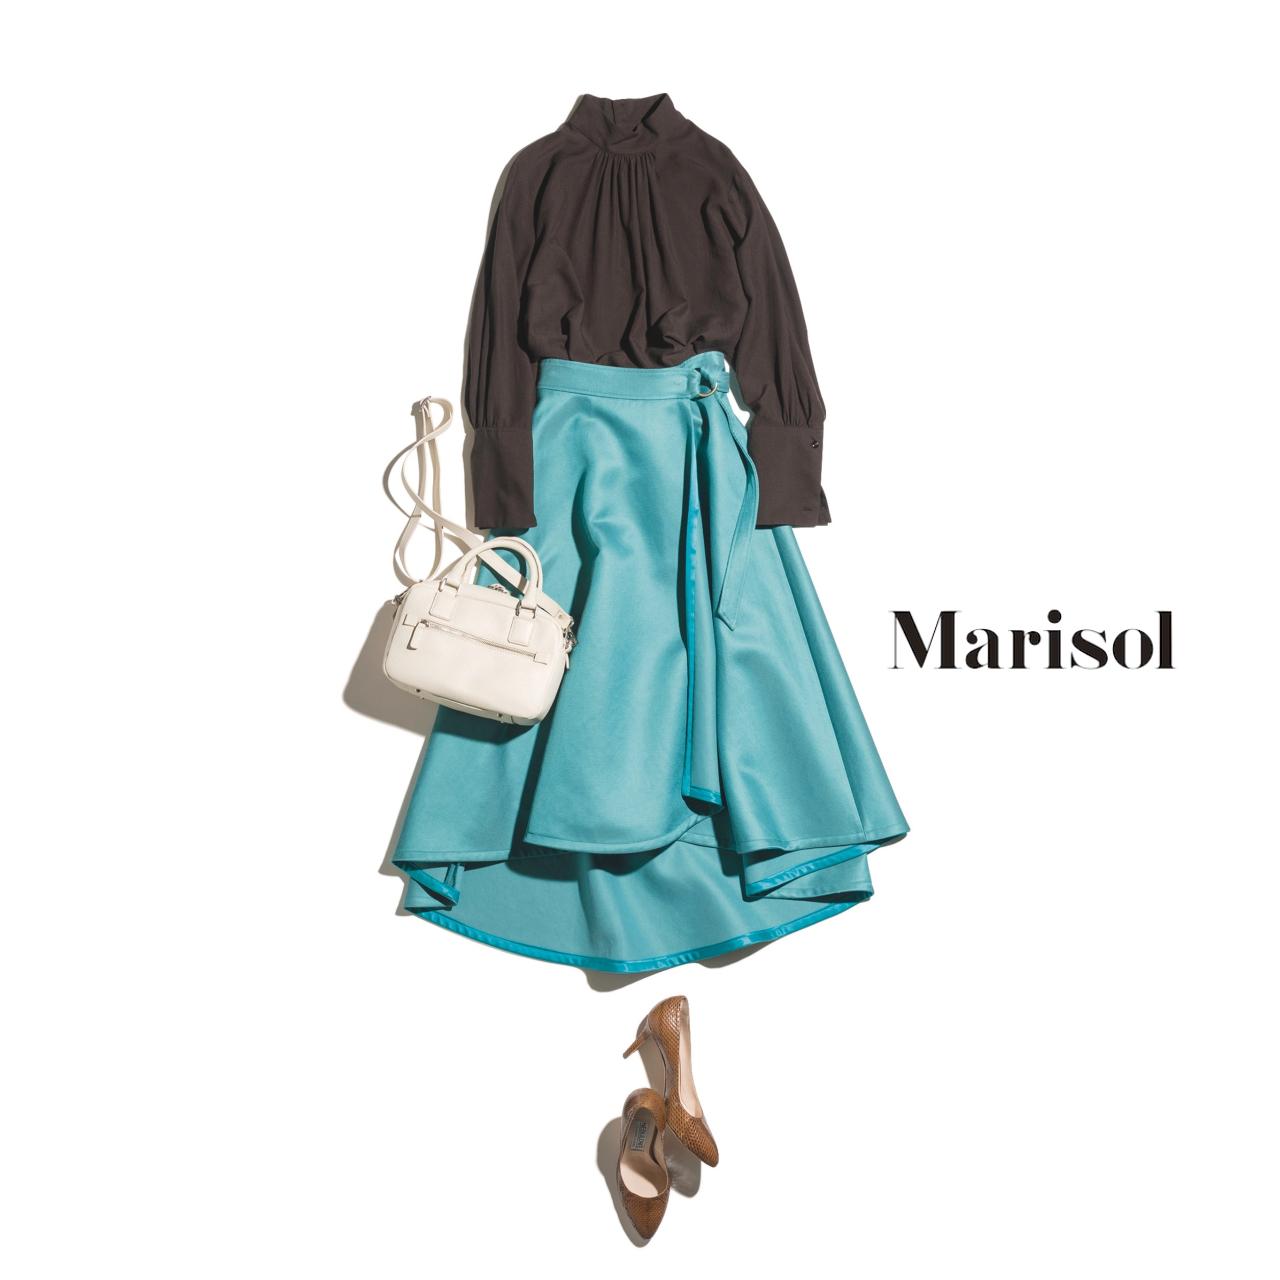 ファッション チョコブラウンブラウス×グリーンのフレアスカートコーデ